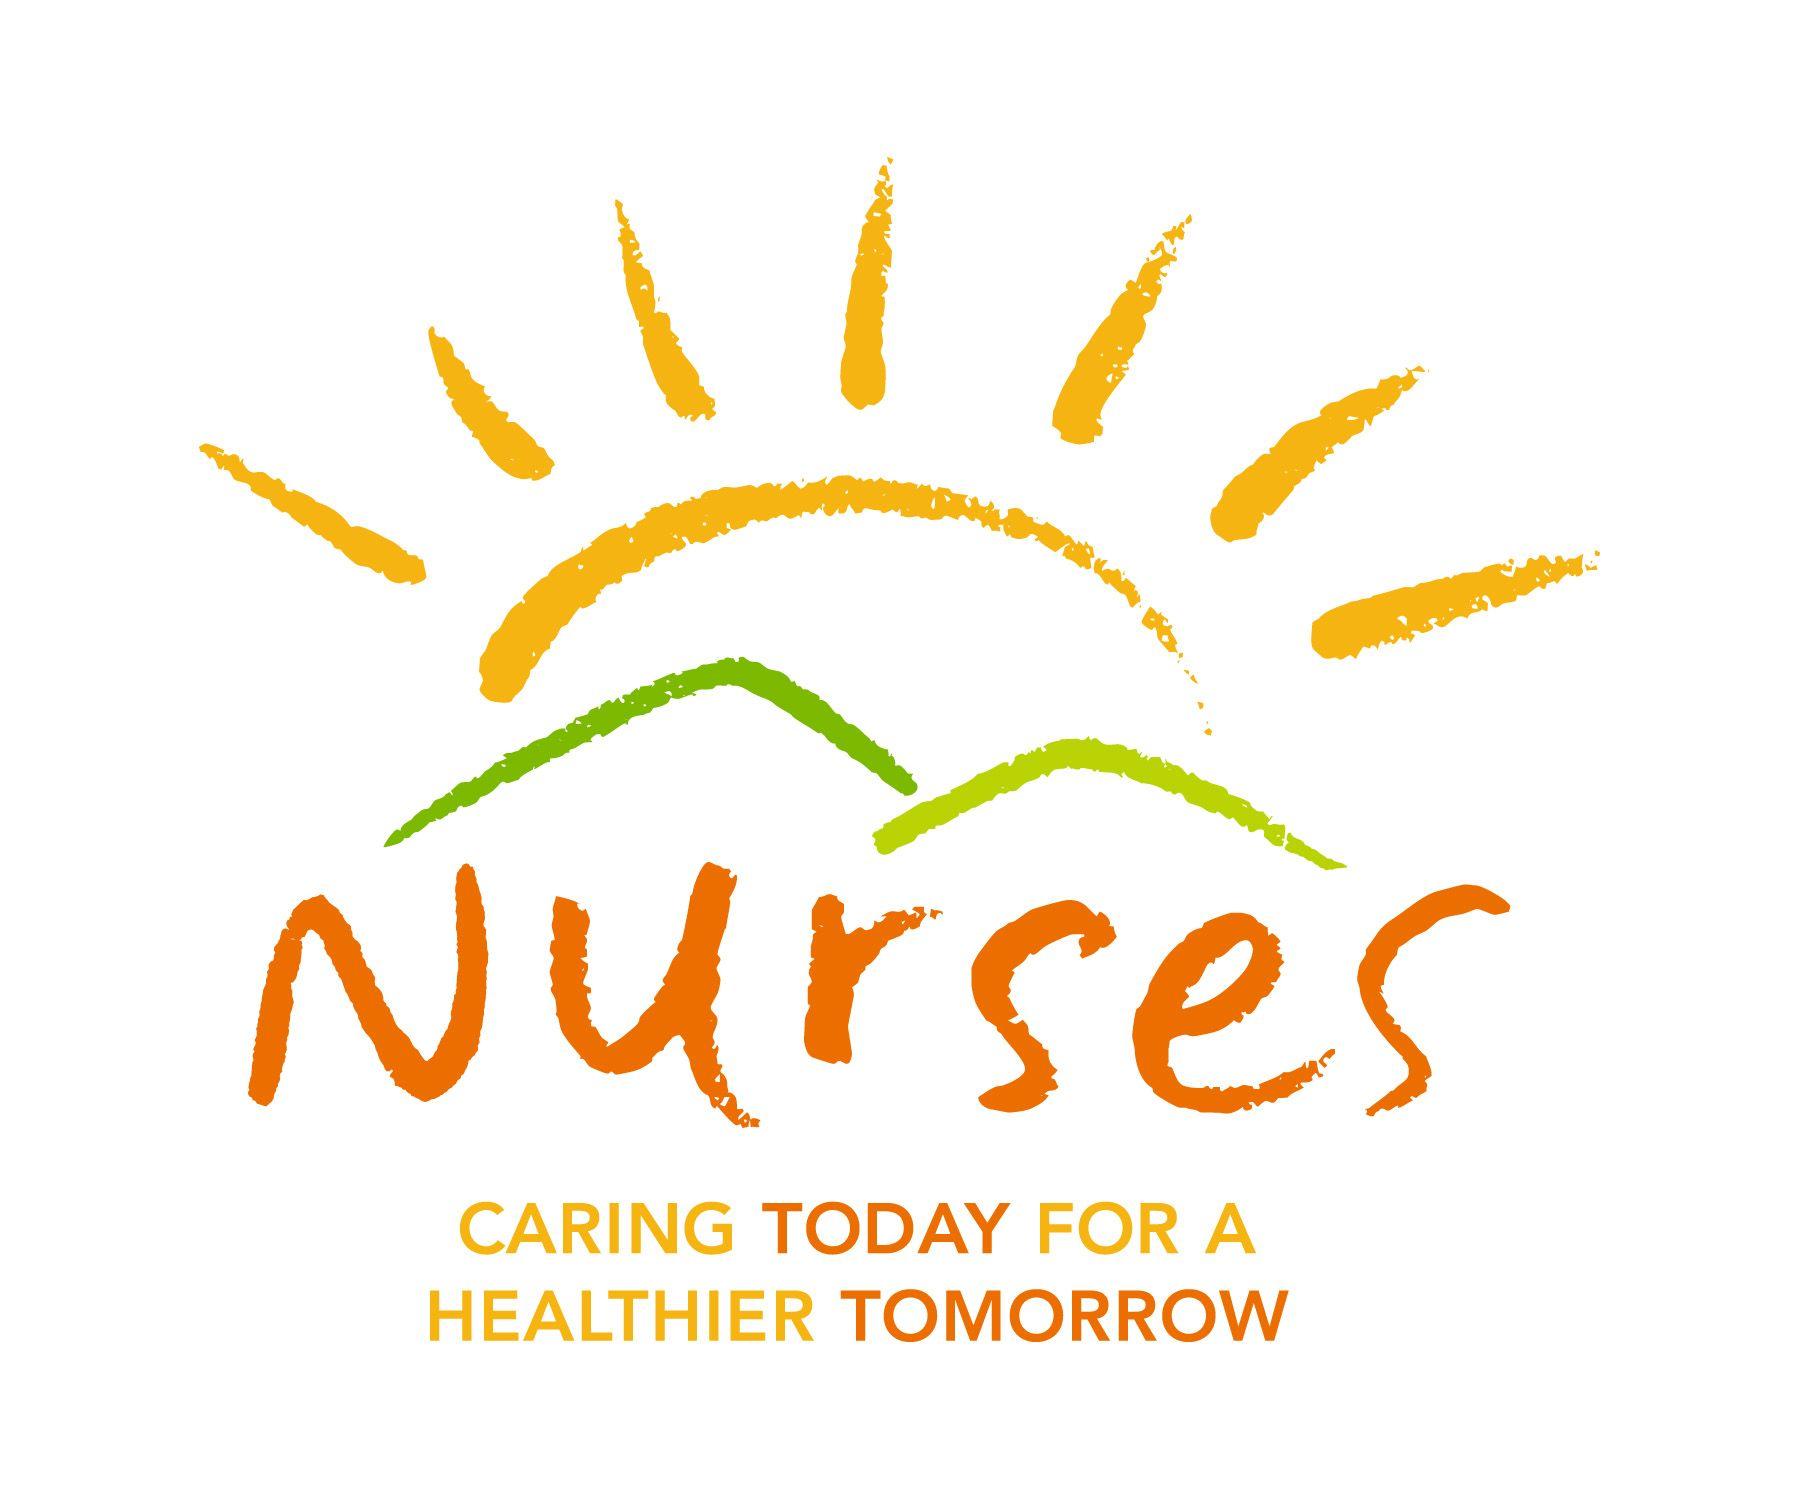 25 Best Nursing Home Images On Pinterest